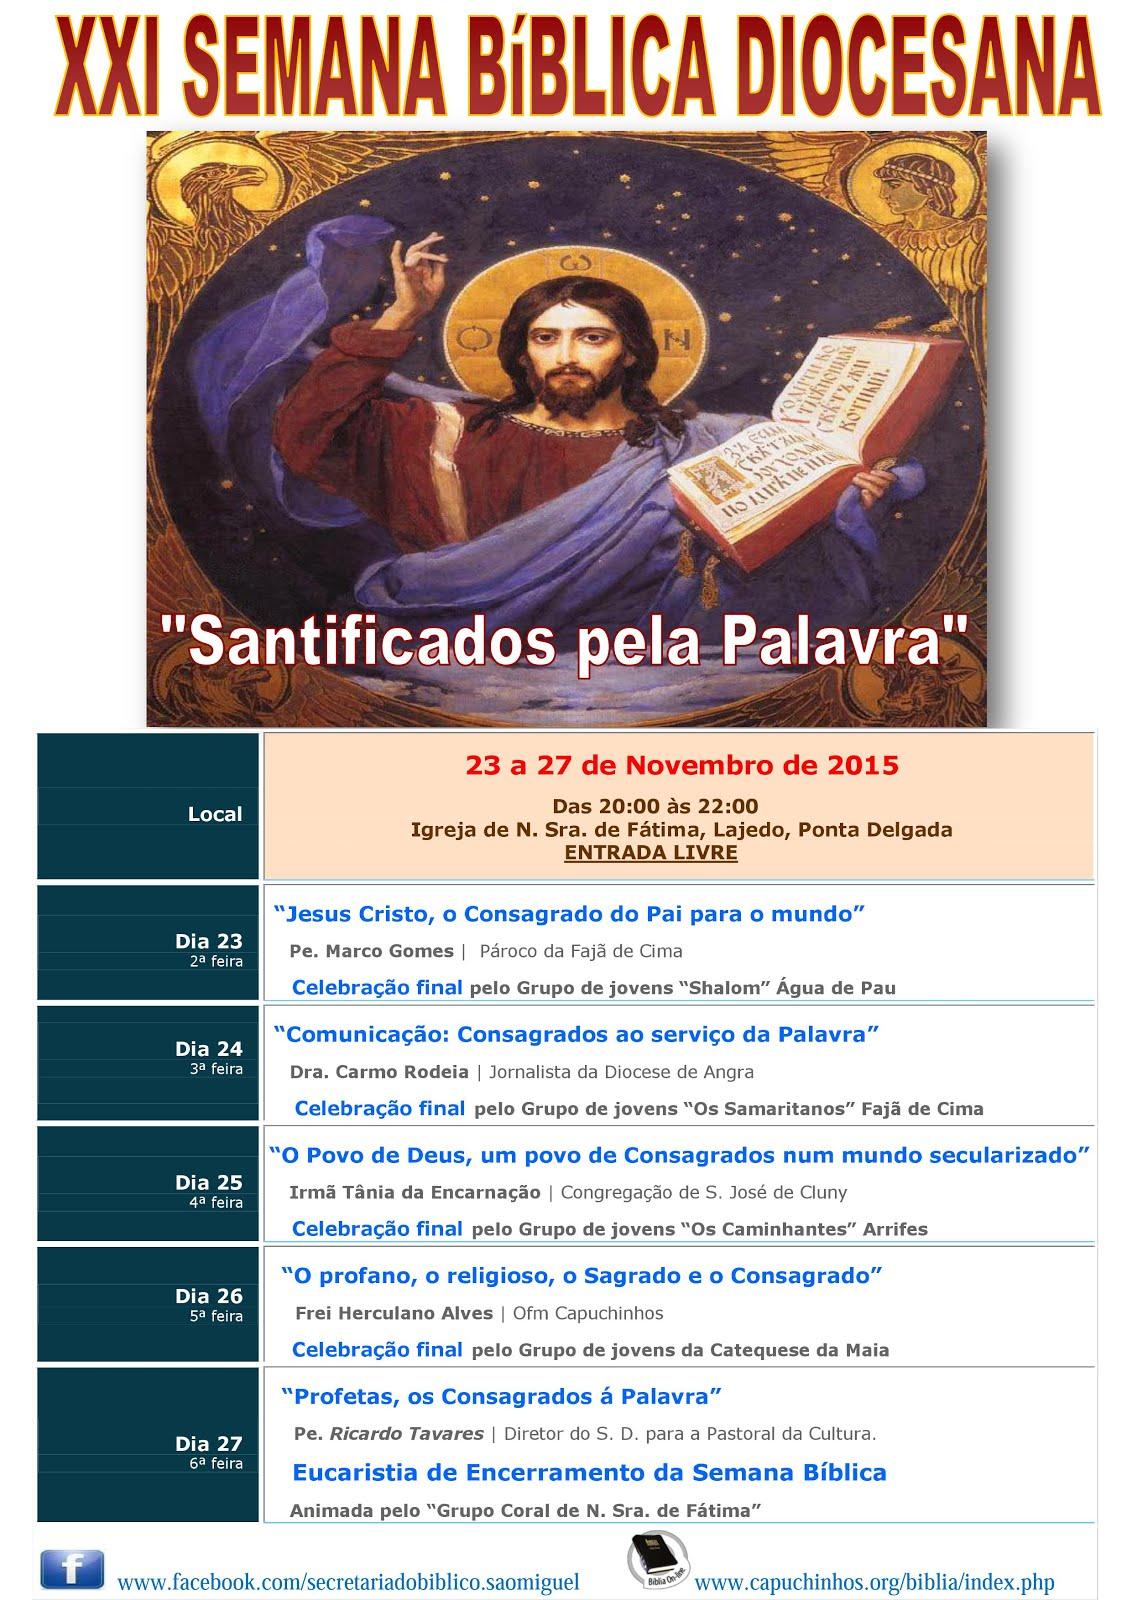 XXI Semana Bíblica Diocesana em São Miguel